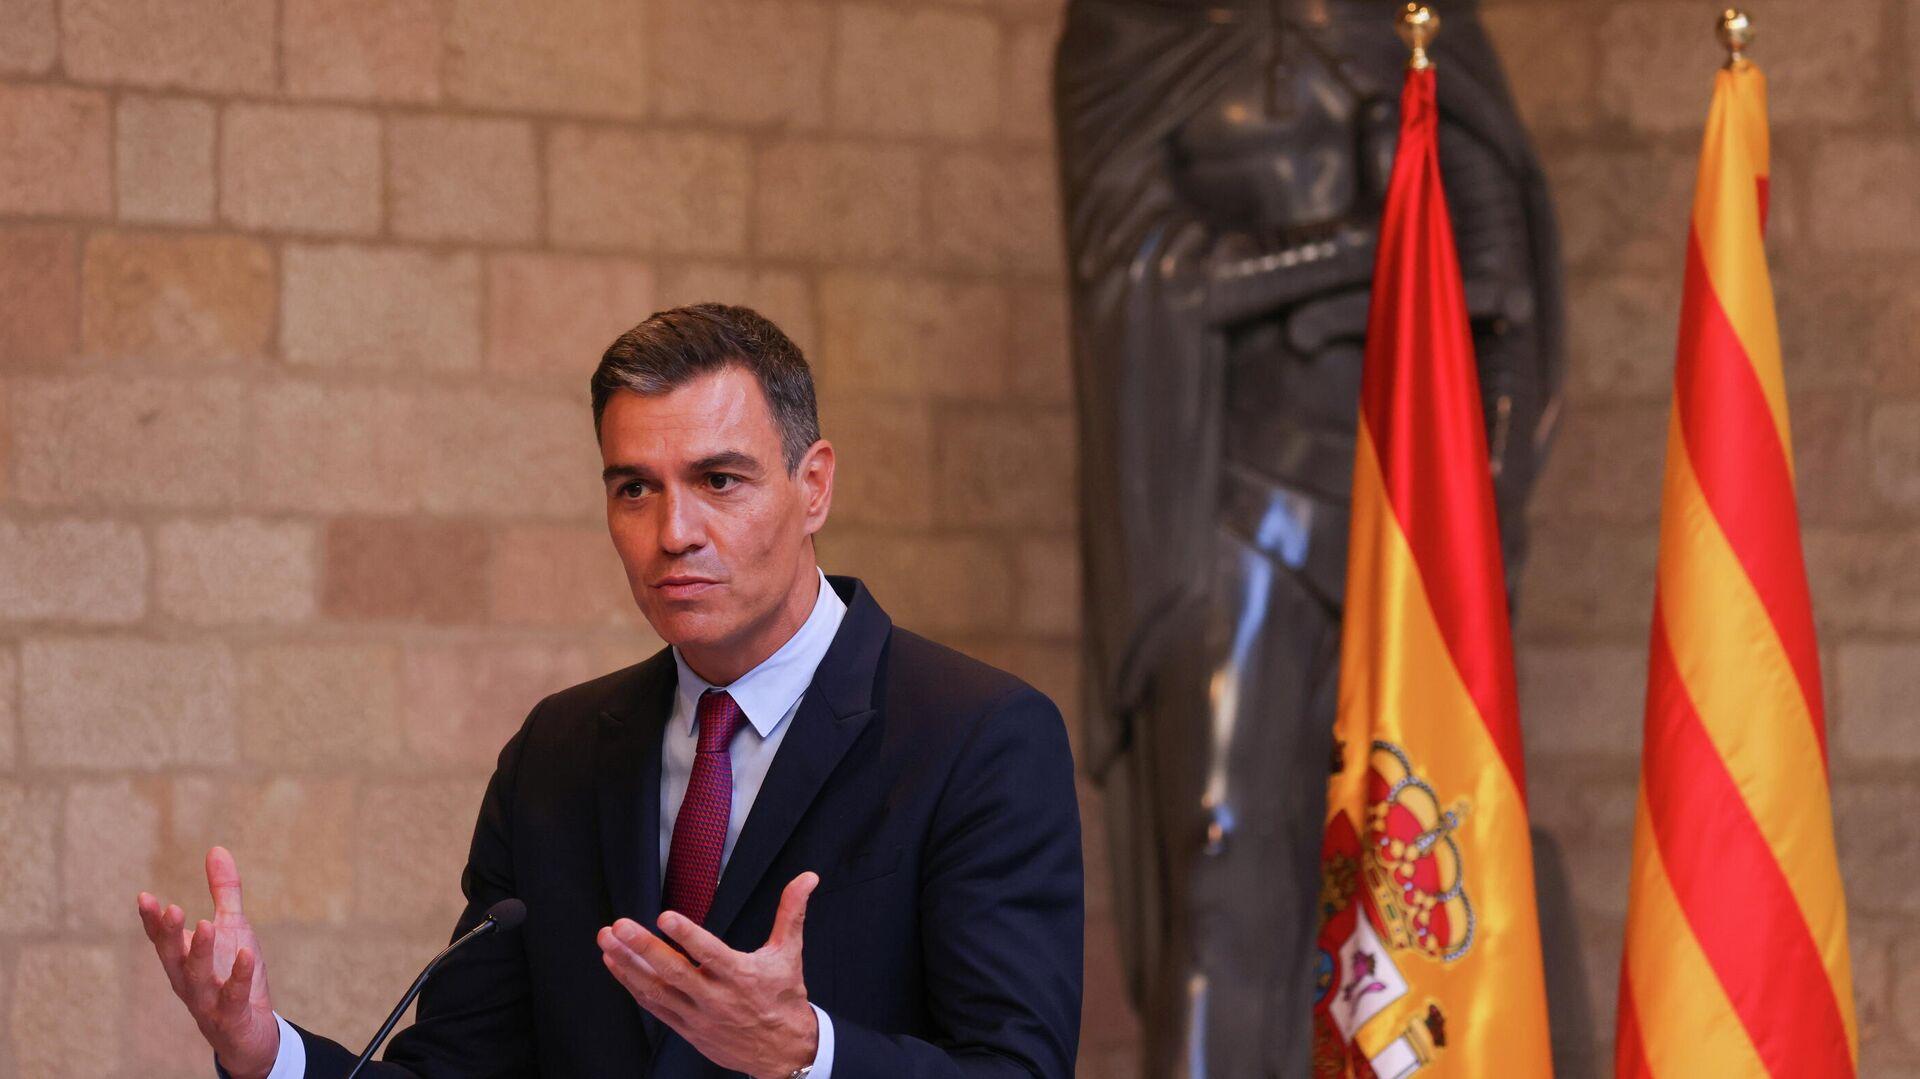 El presidente del Gobierno de España, Pedro Sánchez - Sputnik Mundo, 1920, 24.09.2021